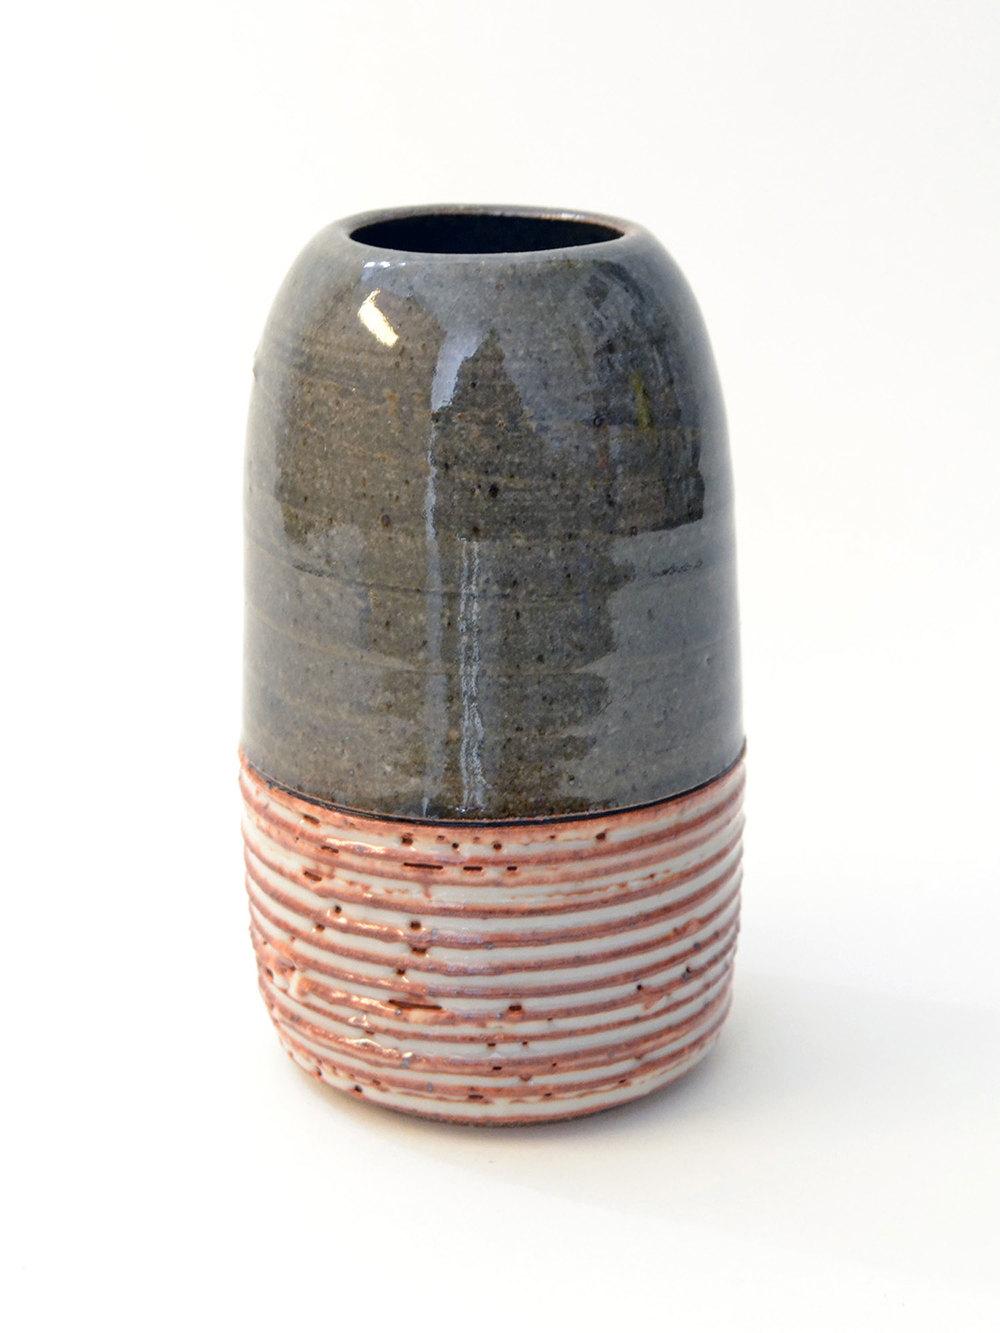 Capsule Vase #5